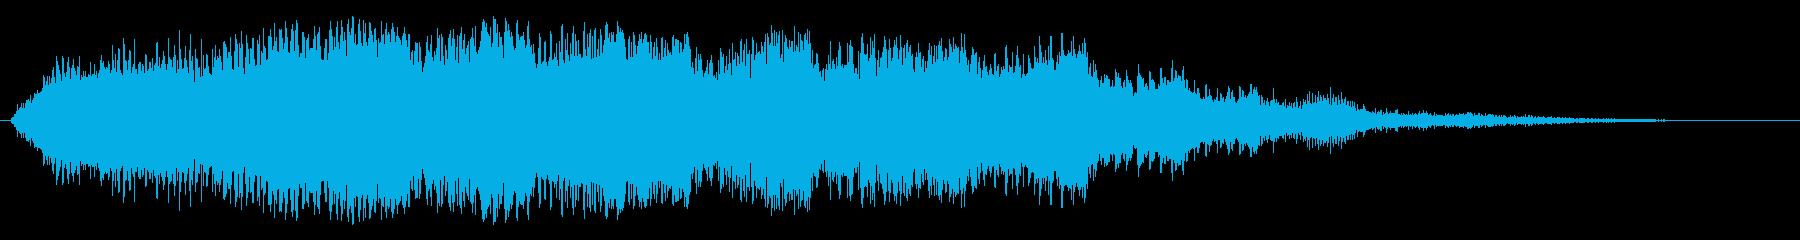 パワースライスの再生済みの波形